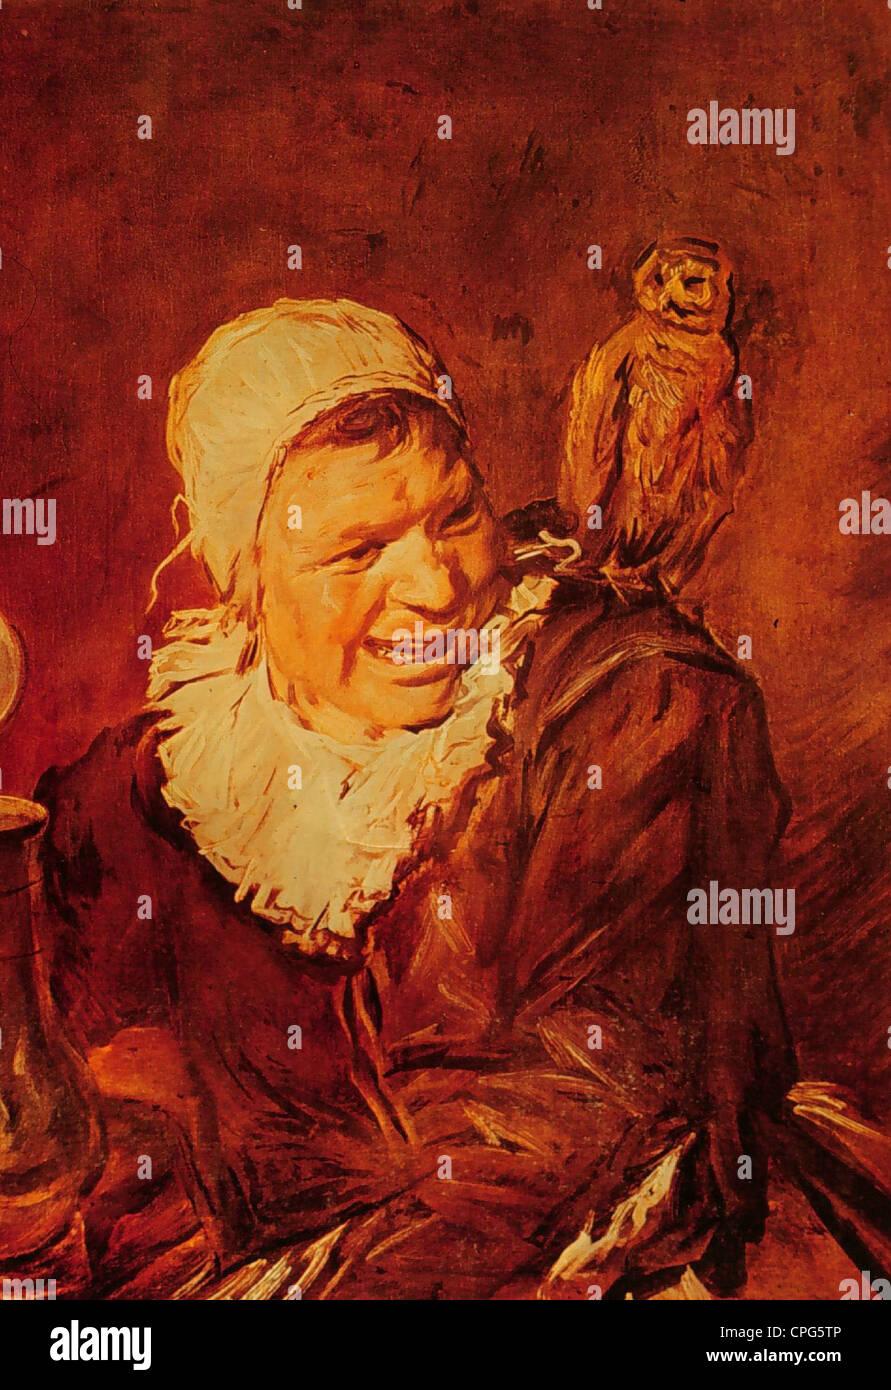 Hexen, Hexe, Gemälde von Frans Hals, 17. Jahrhundert, historische, historische, Eule auf der Schulter, Vogel, Stockbild